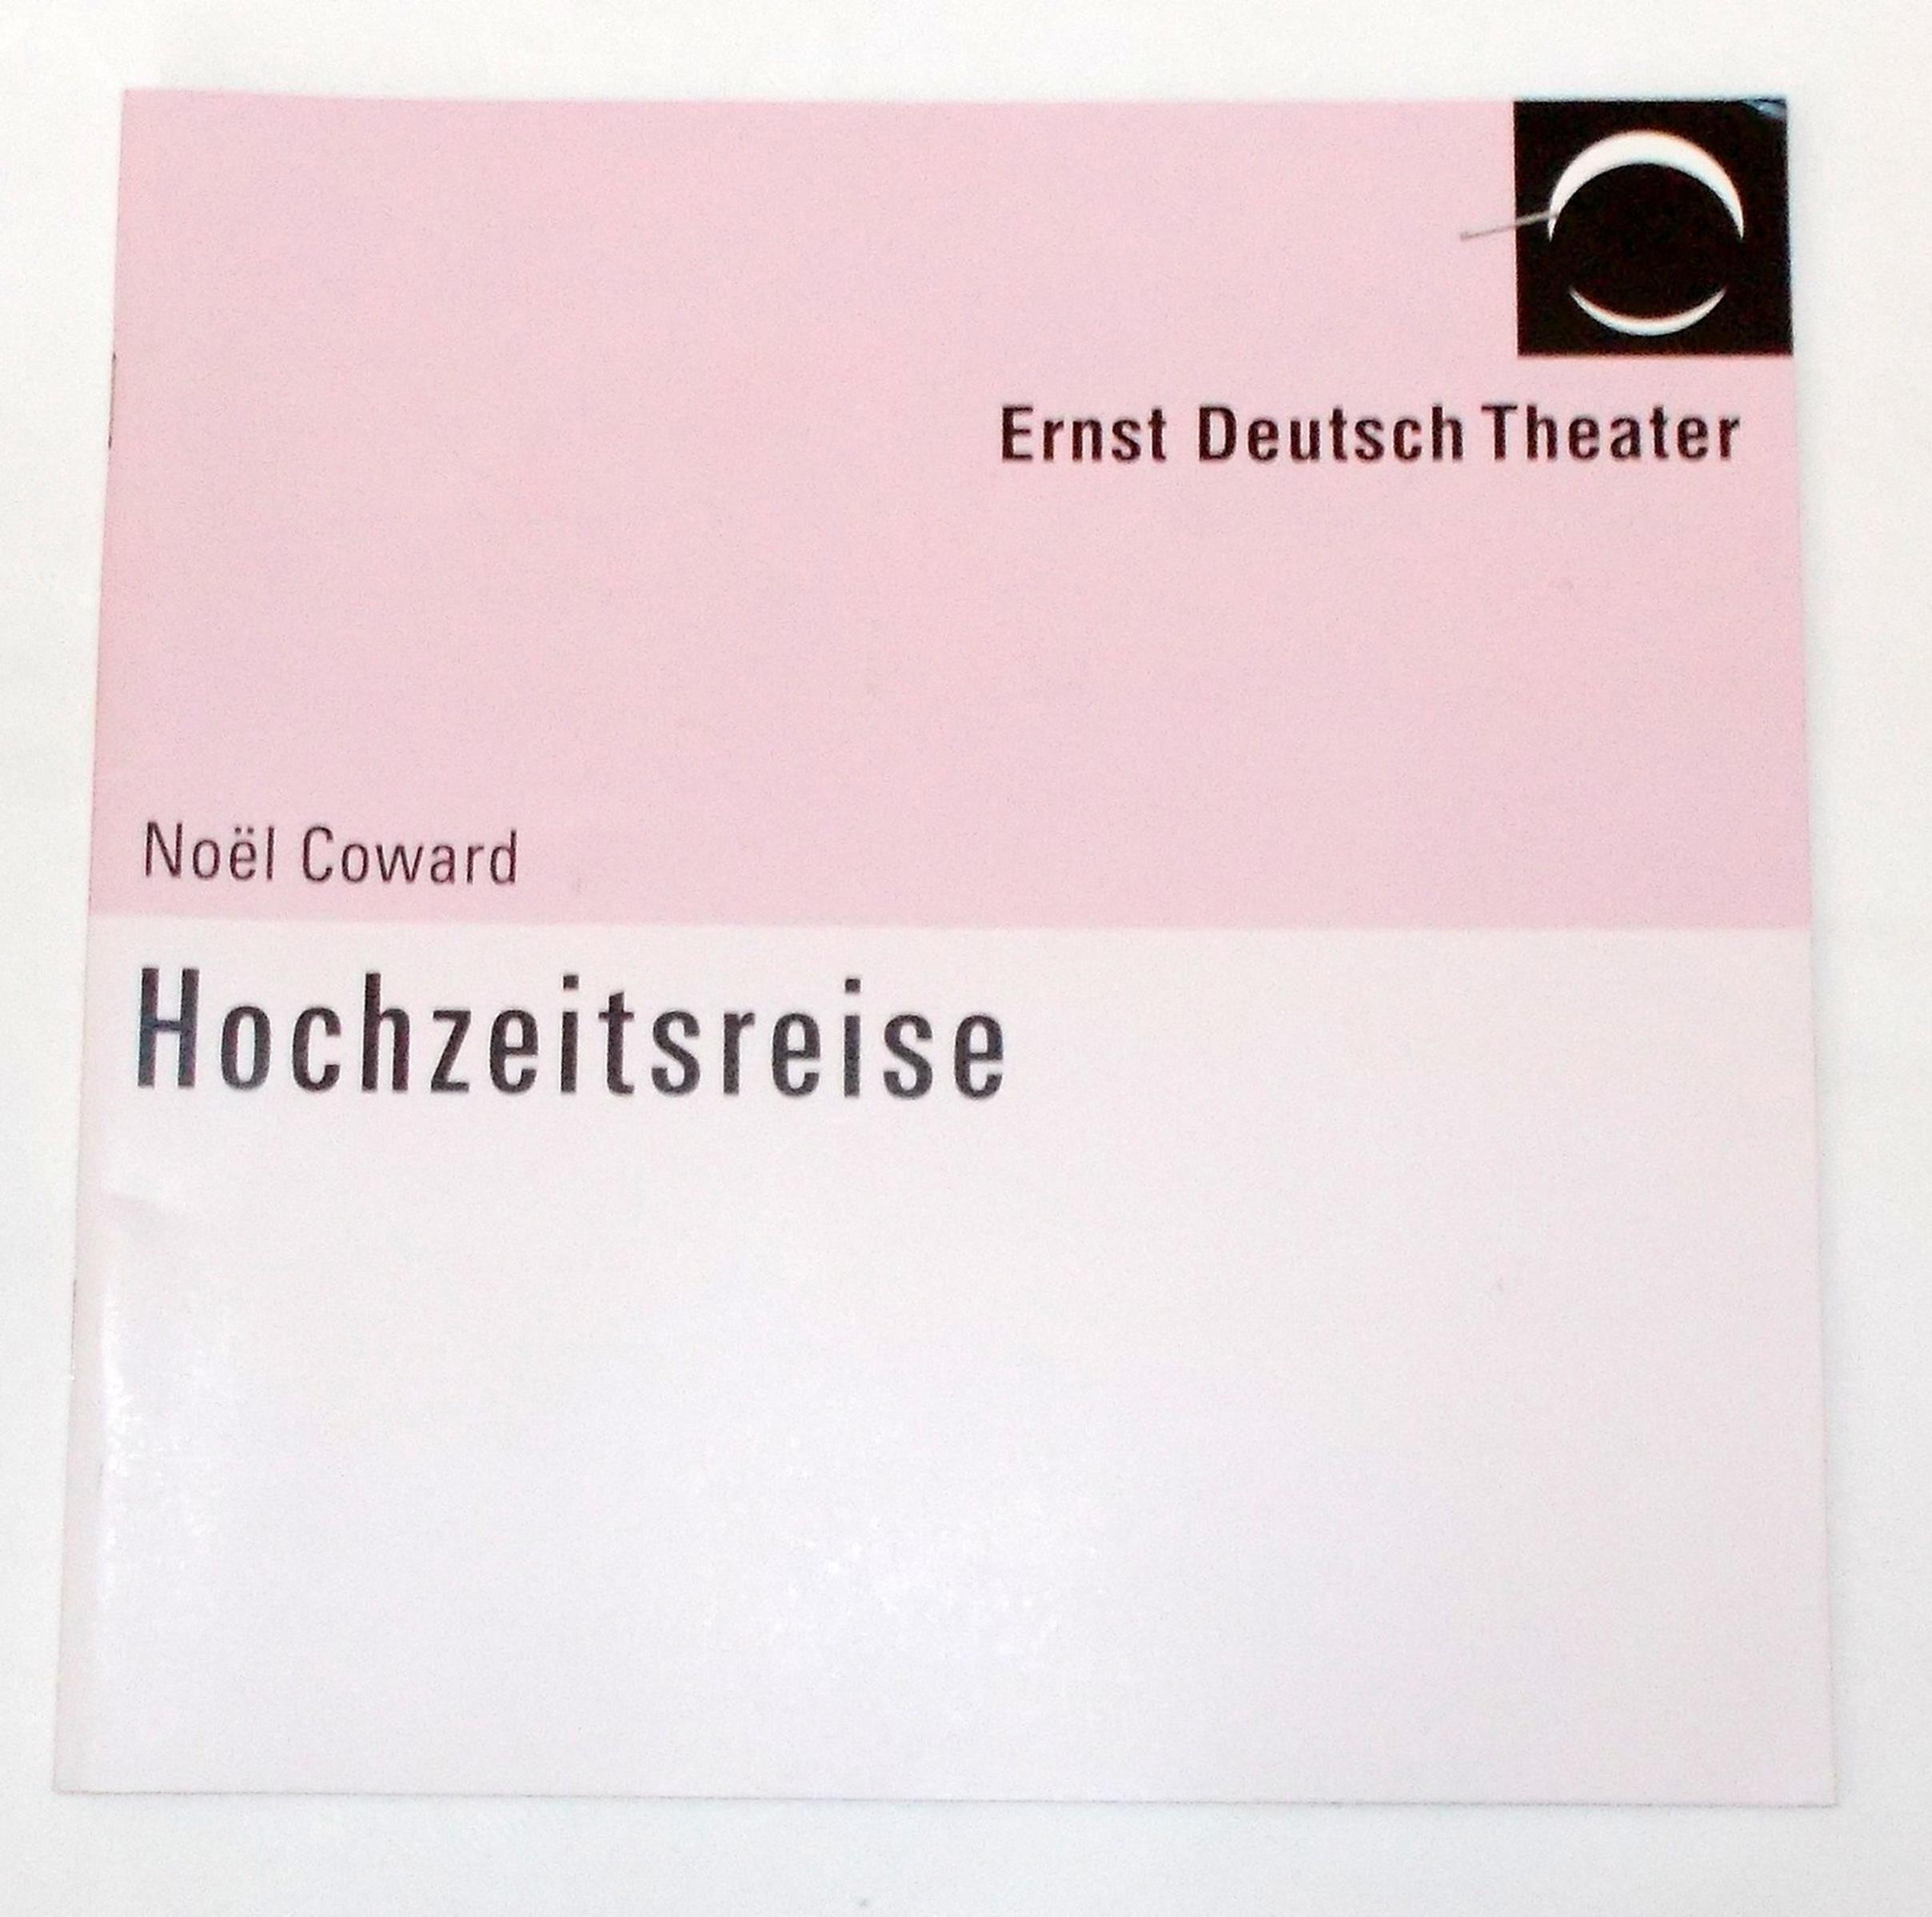 Programmheft Hochzeitsreise von Noel Coward. Ernst Deutsch Theater 2004